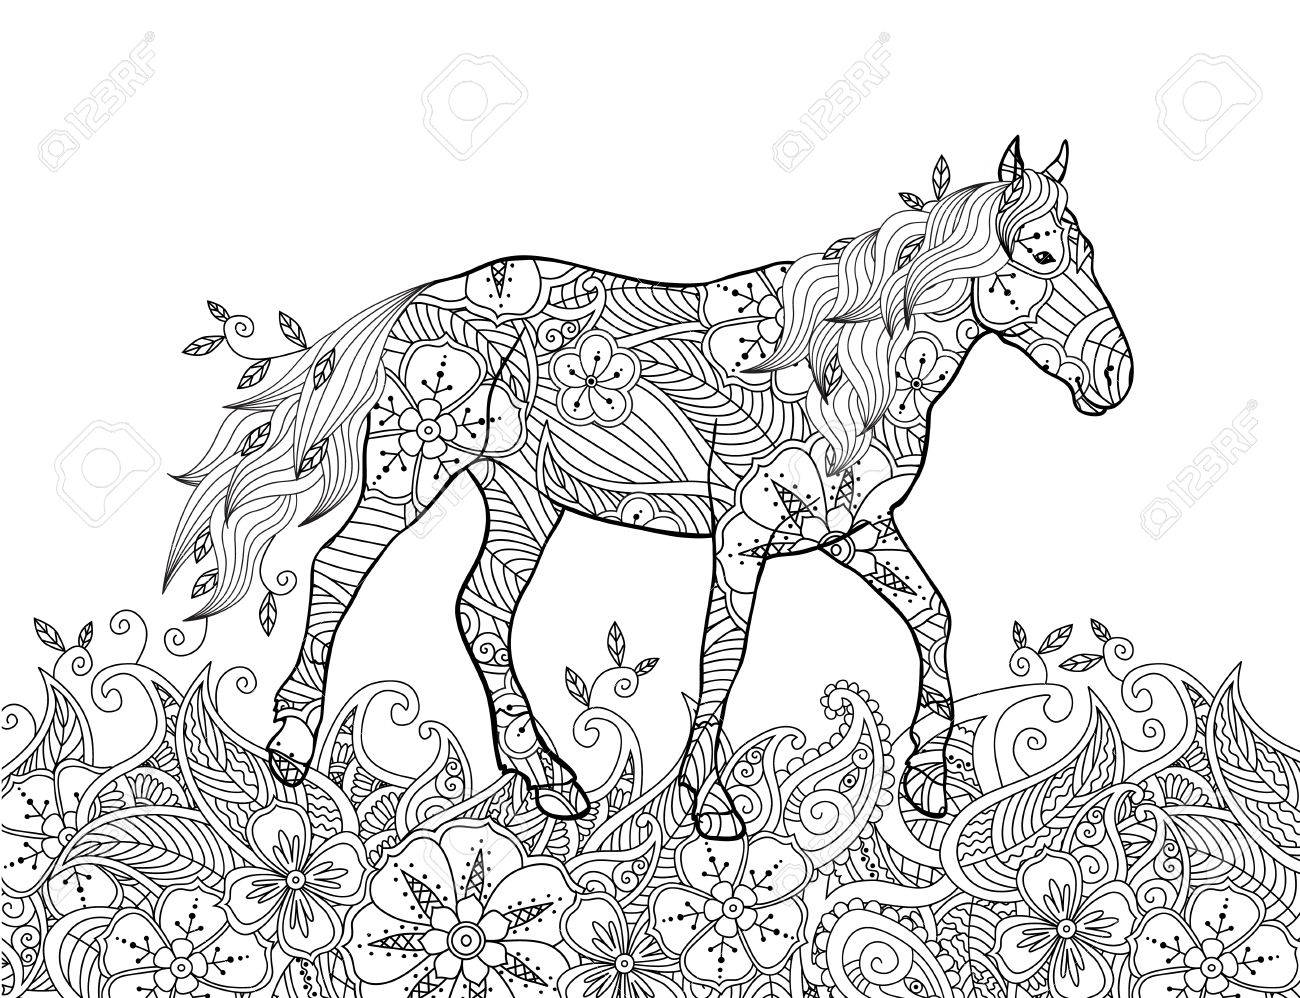 Malvorlage Im Inspirierten Doodle-Stil. Laufendes Pferd Auf ...